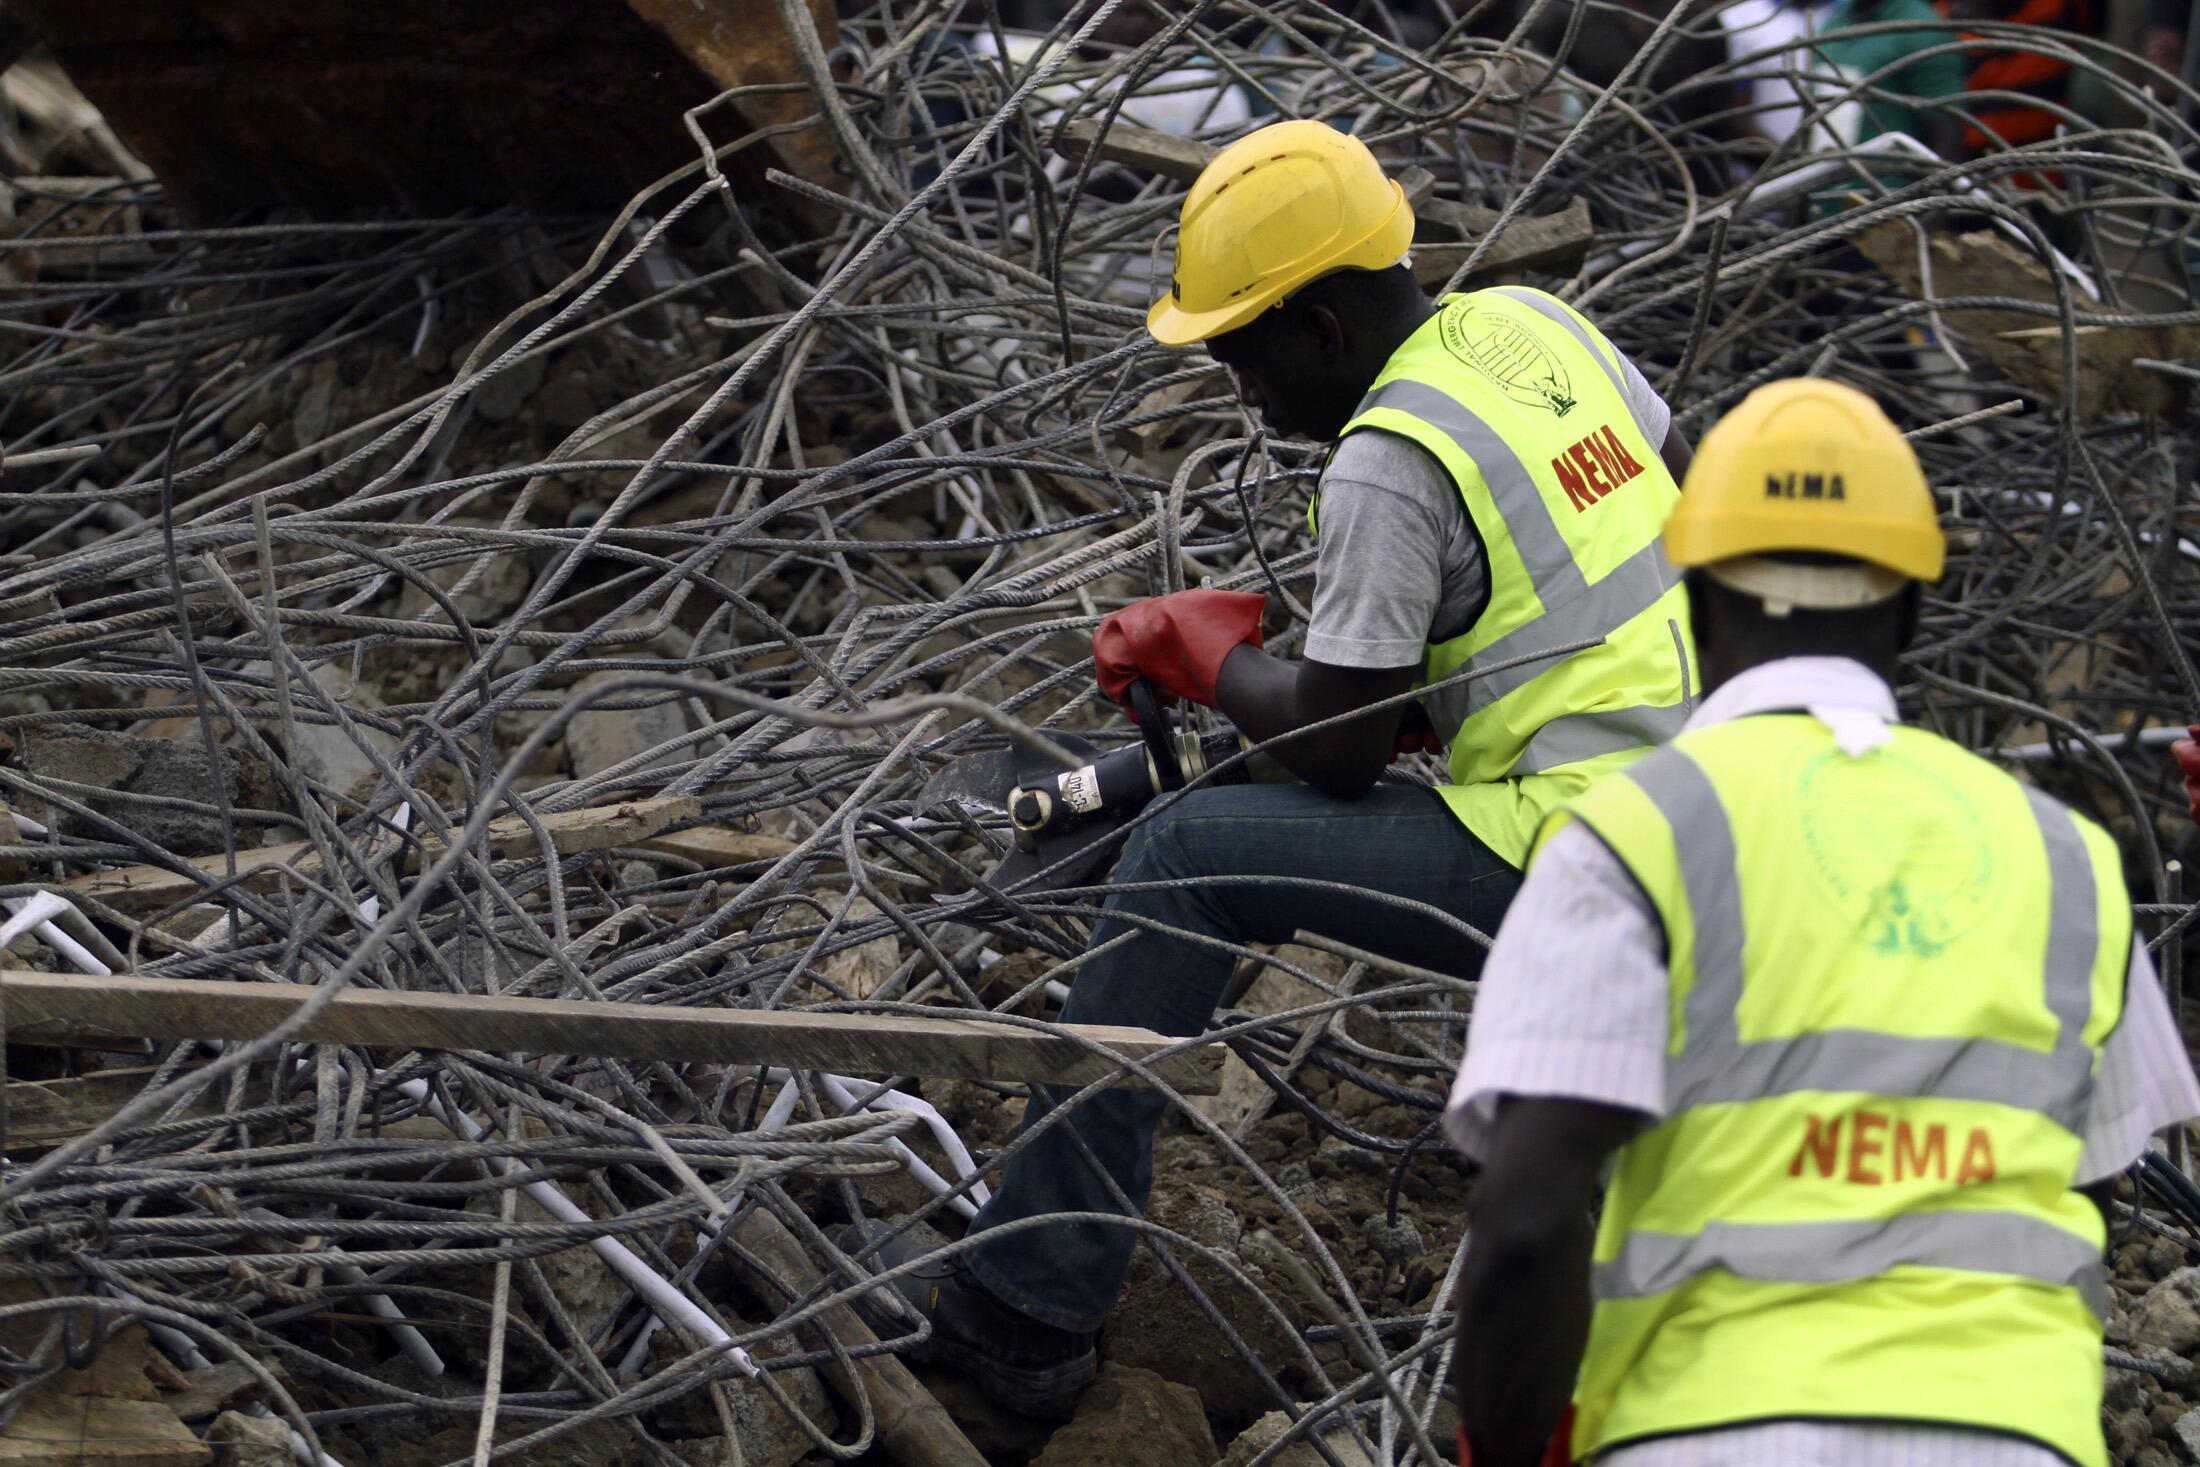 Les équipes de secours fouillent les décombres de l'immeuble des Nations unies à Abjua, vendredi 26 août 2011. L'attentat a fait au moins 18 morts.